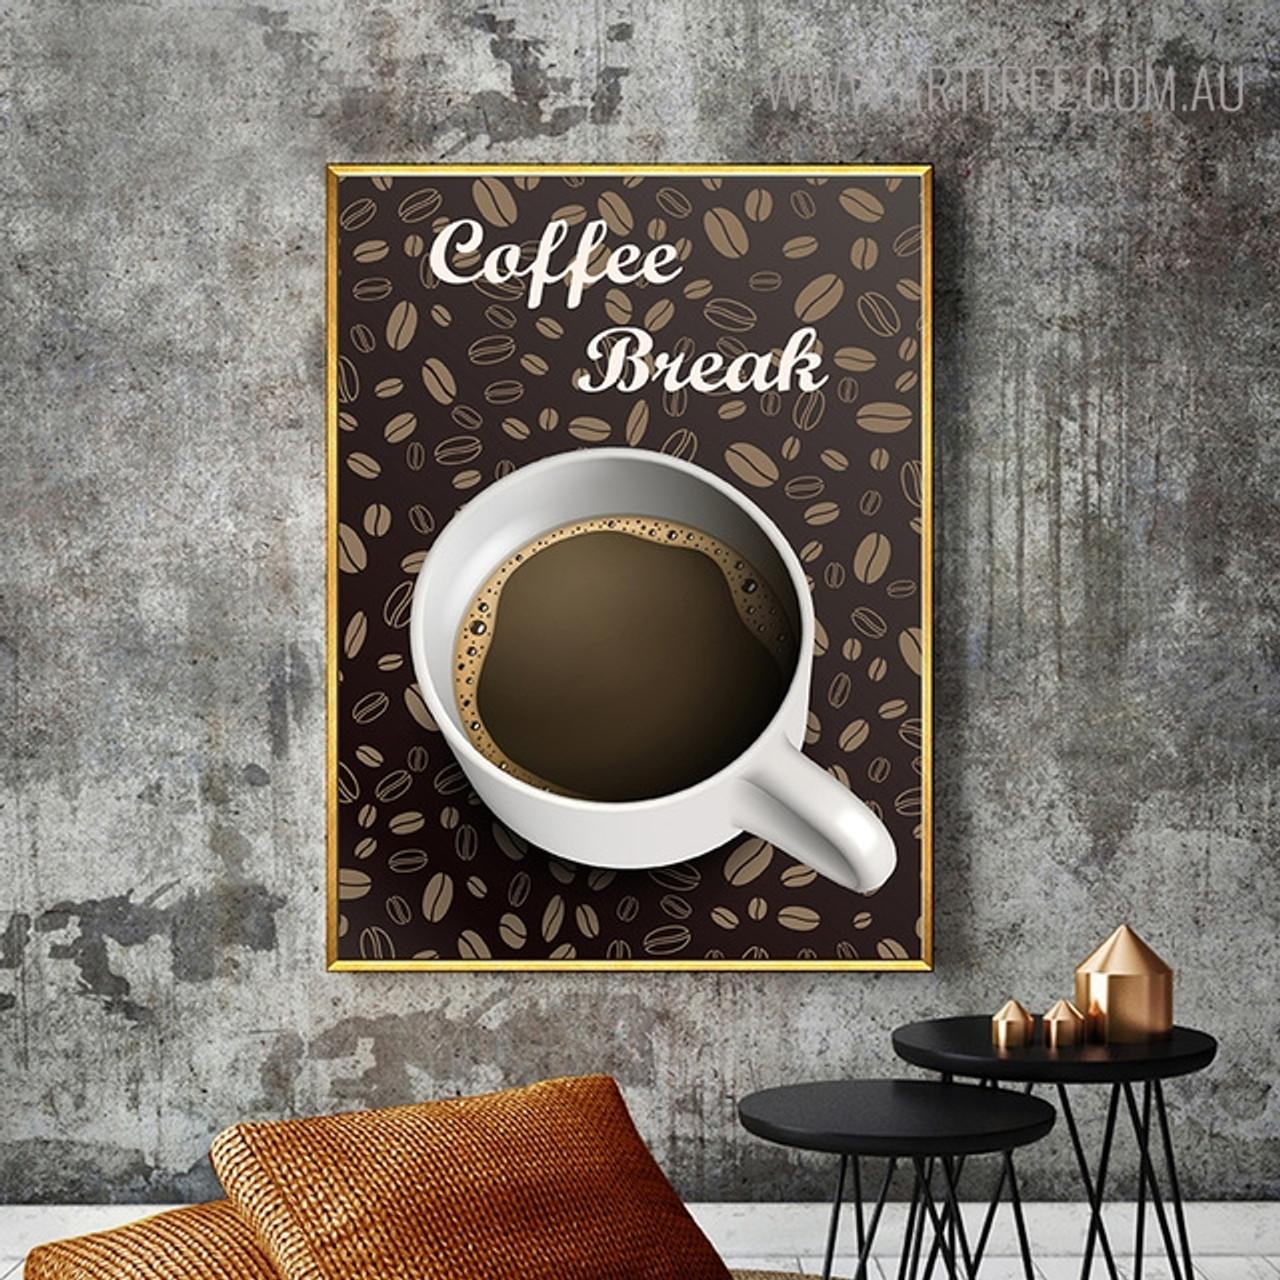 coffee arttree com au